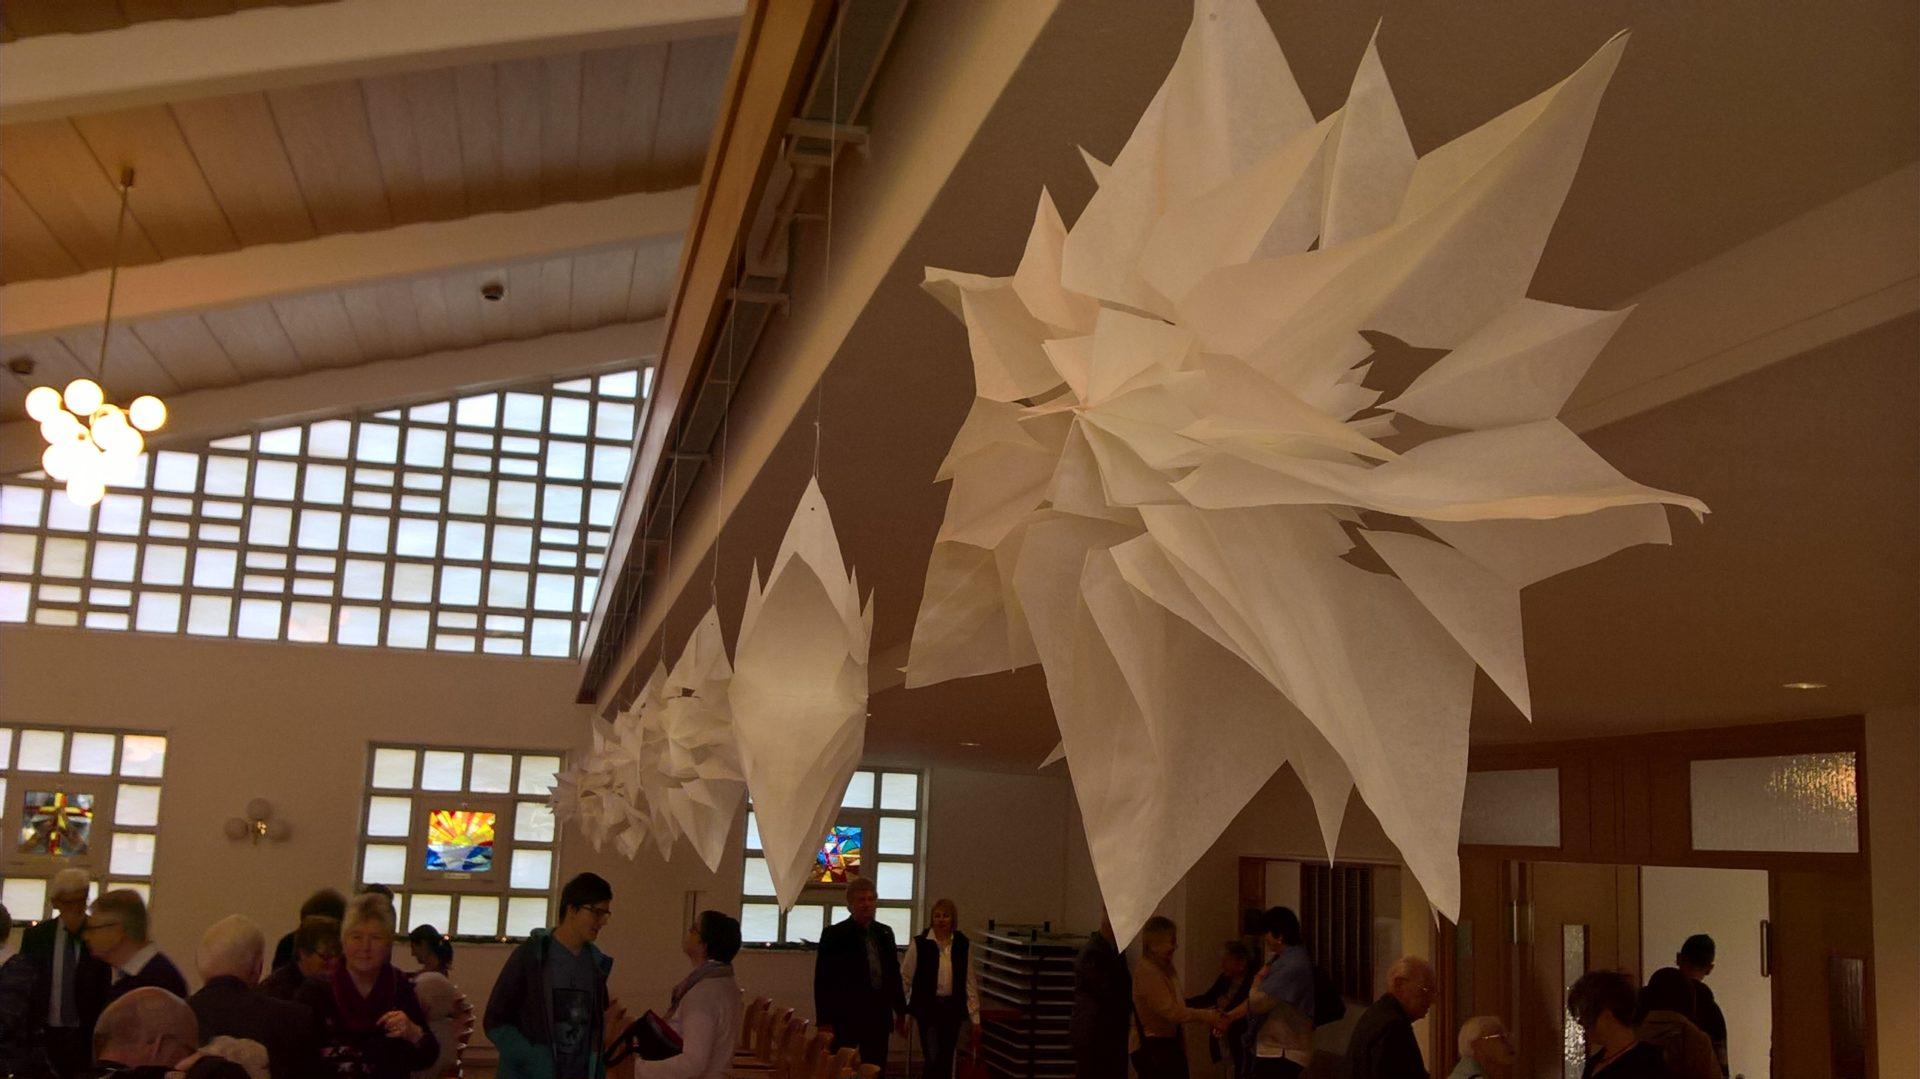 Kreative Weihnachtsdeko in der Kirche Ruhbank